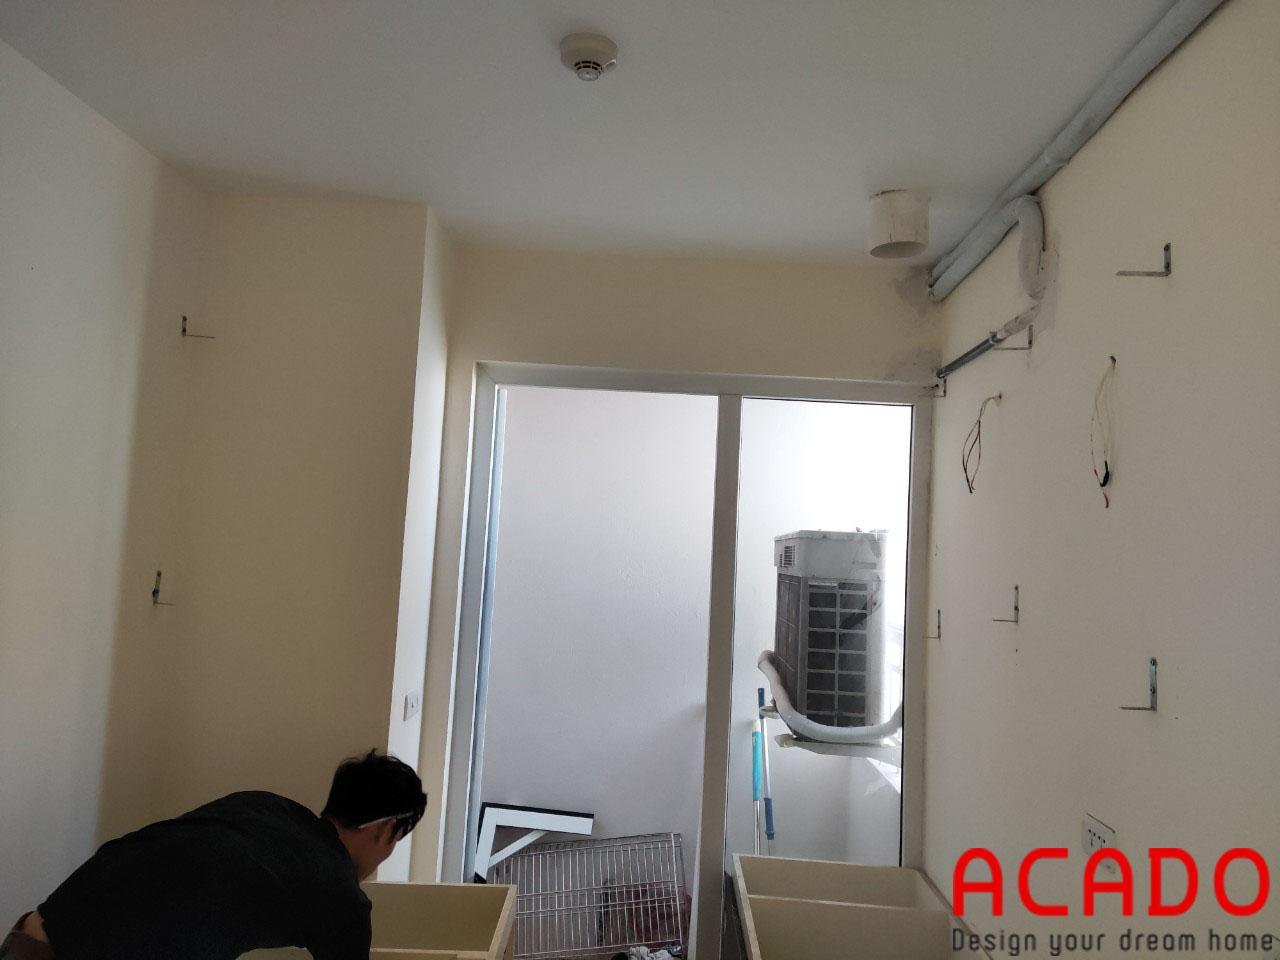 Thợ thi công ACADO đã vận chuyển đồ đạc để thực hiện quá trình đóng tủ bếp tại Kiến Hưng-Hà Đông